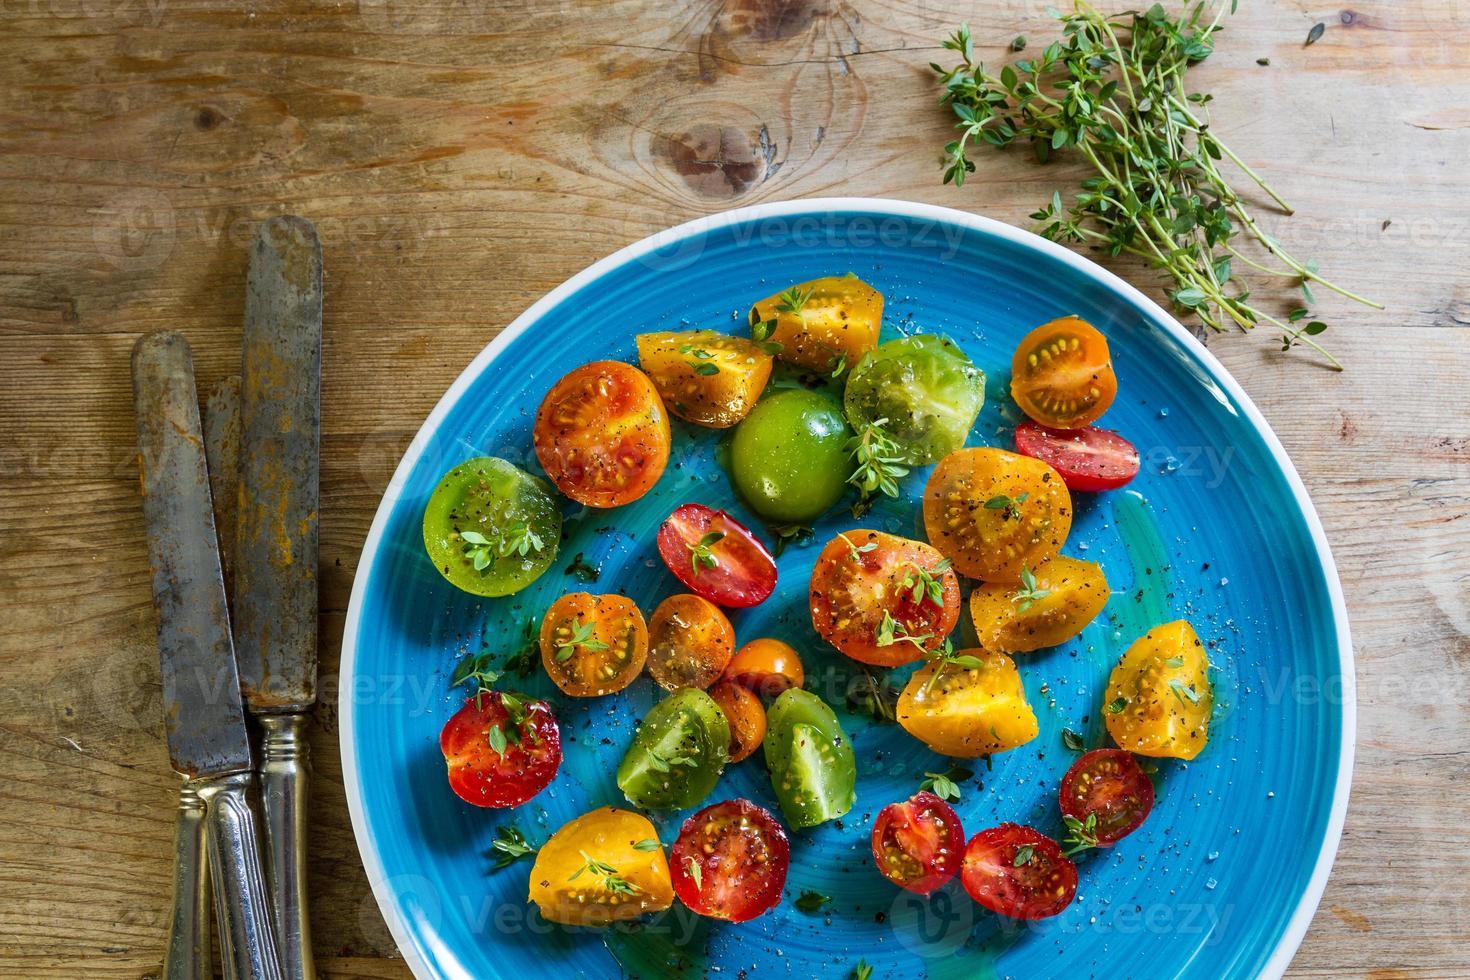 Colourful tomato salad photo